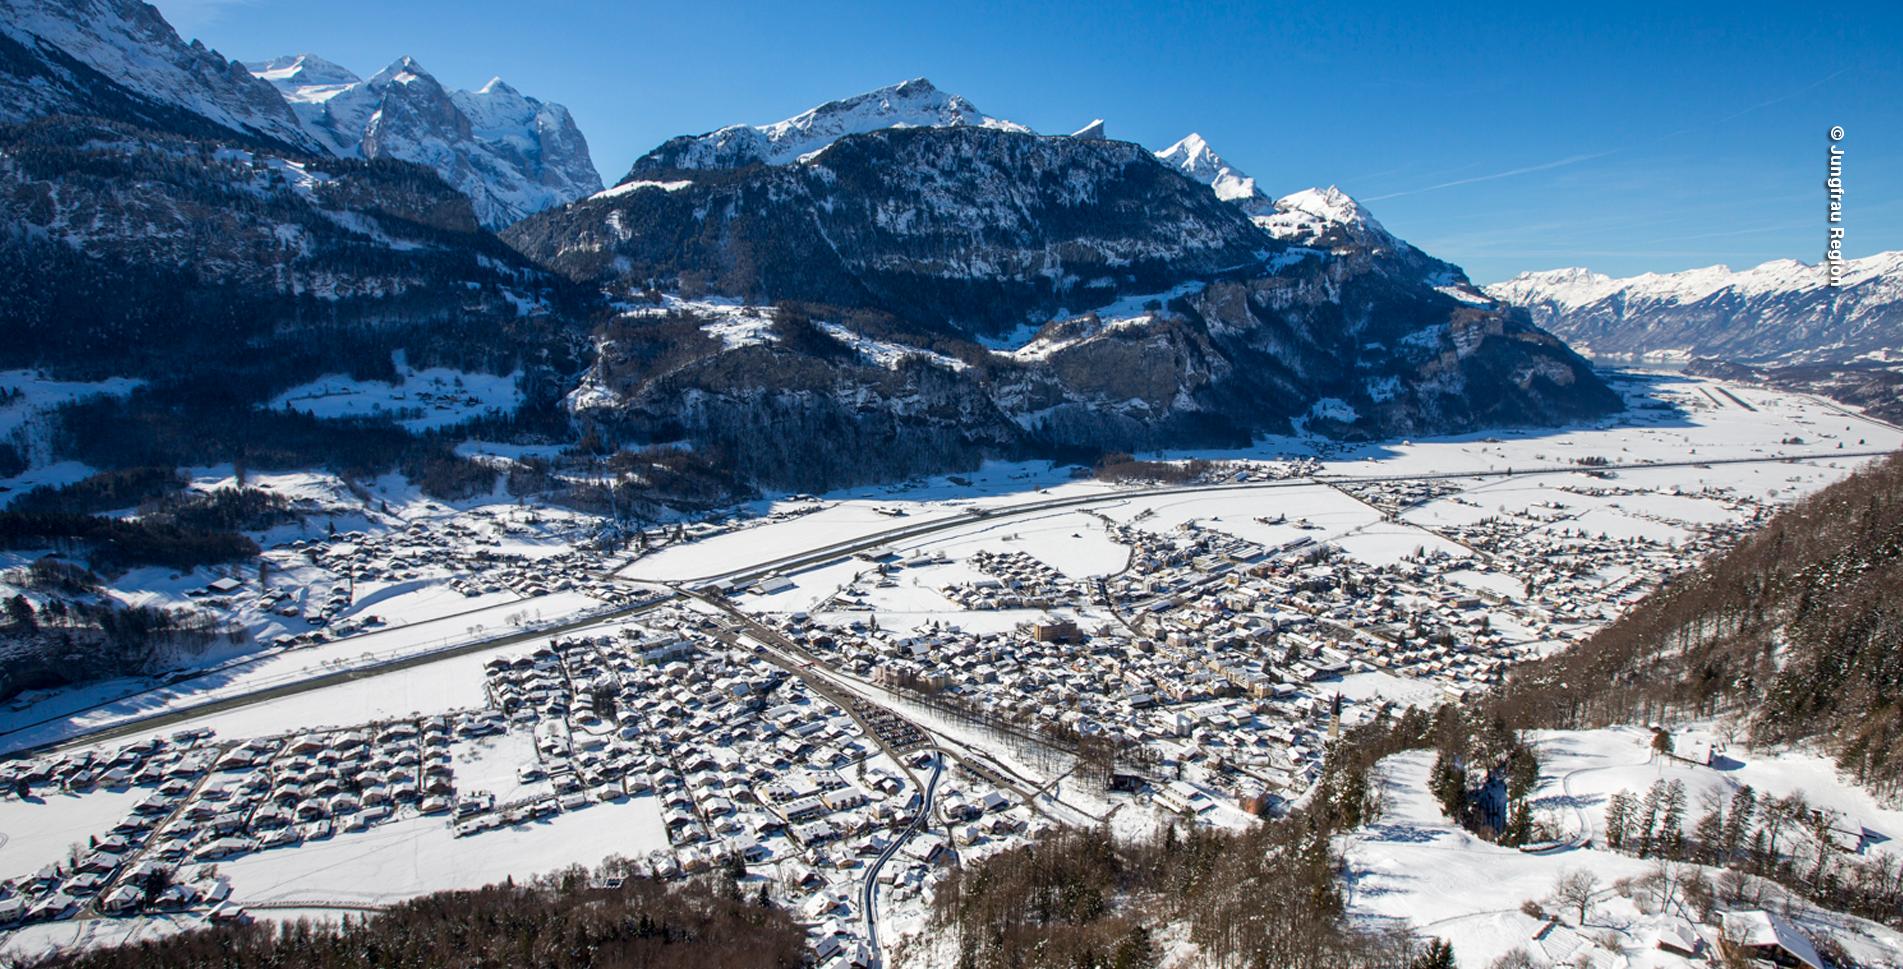 Winterwanderung auf dem Panoramaweg Hasliberg, oberhalb Meiringen und dem Haslital, von Hasliberg Reuti via Hasliberg Wasserwendi, Hasliberg Hohflue zum Brünigpass und Brünig